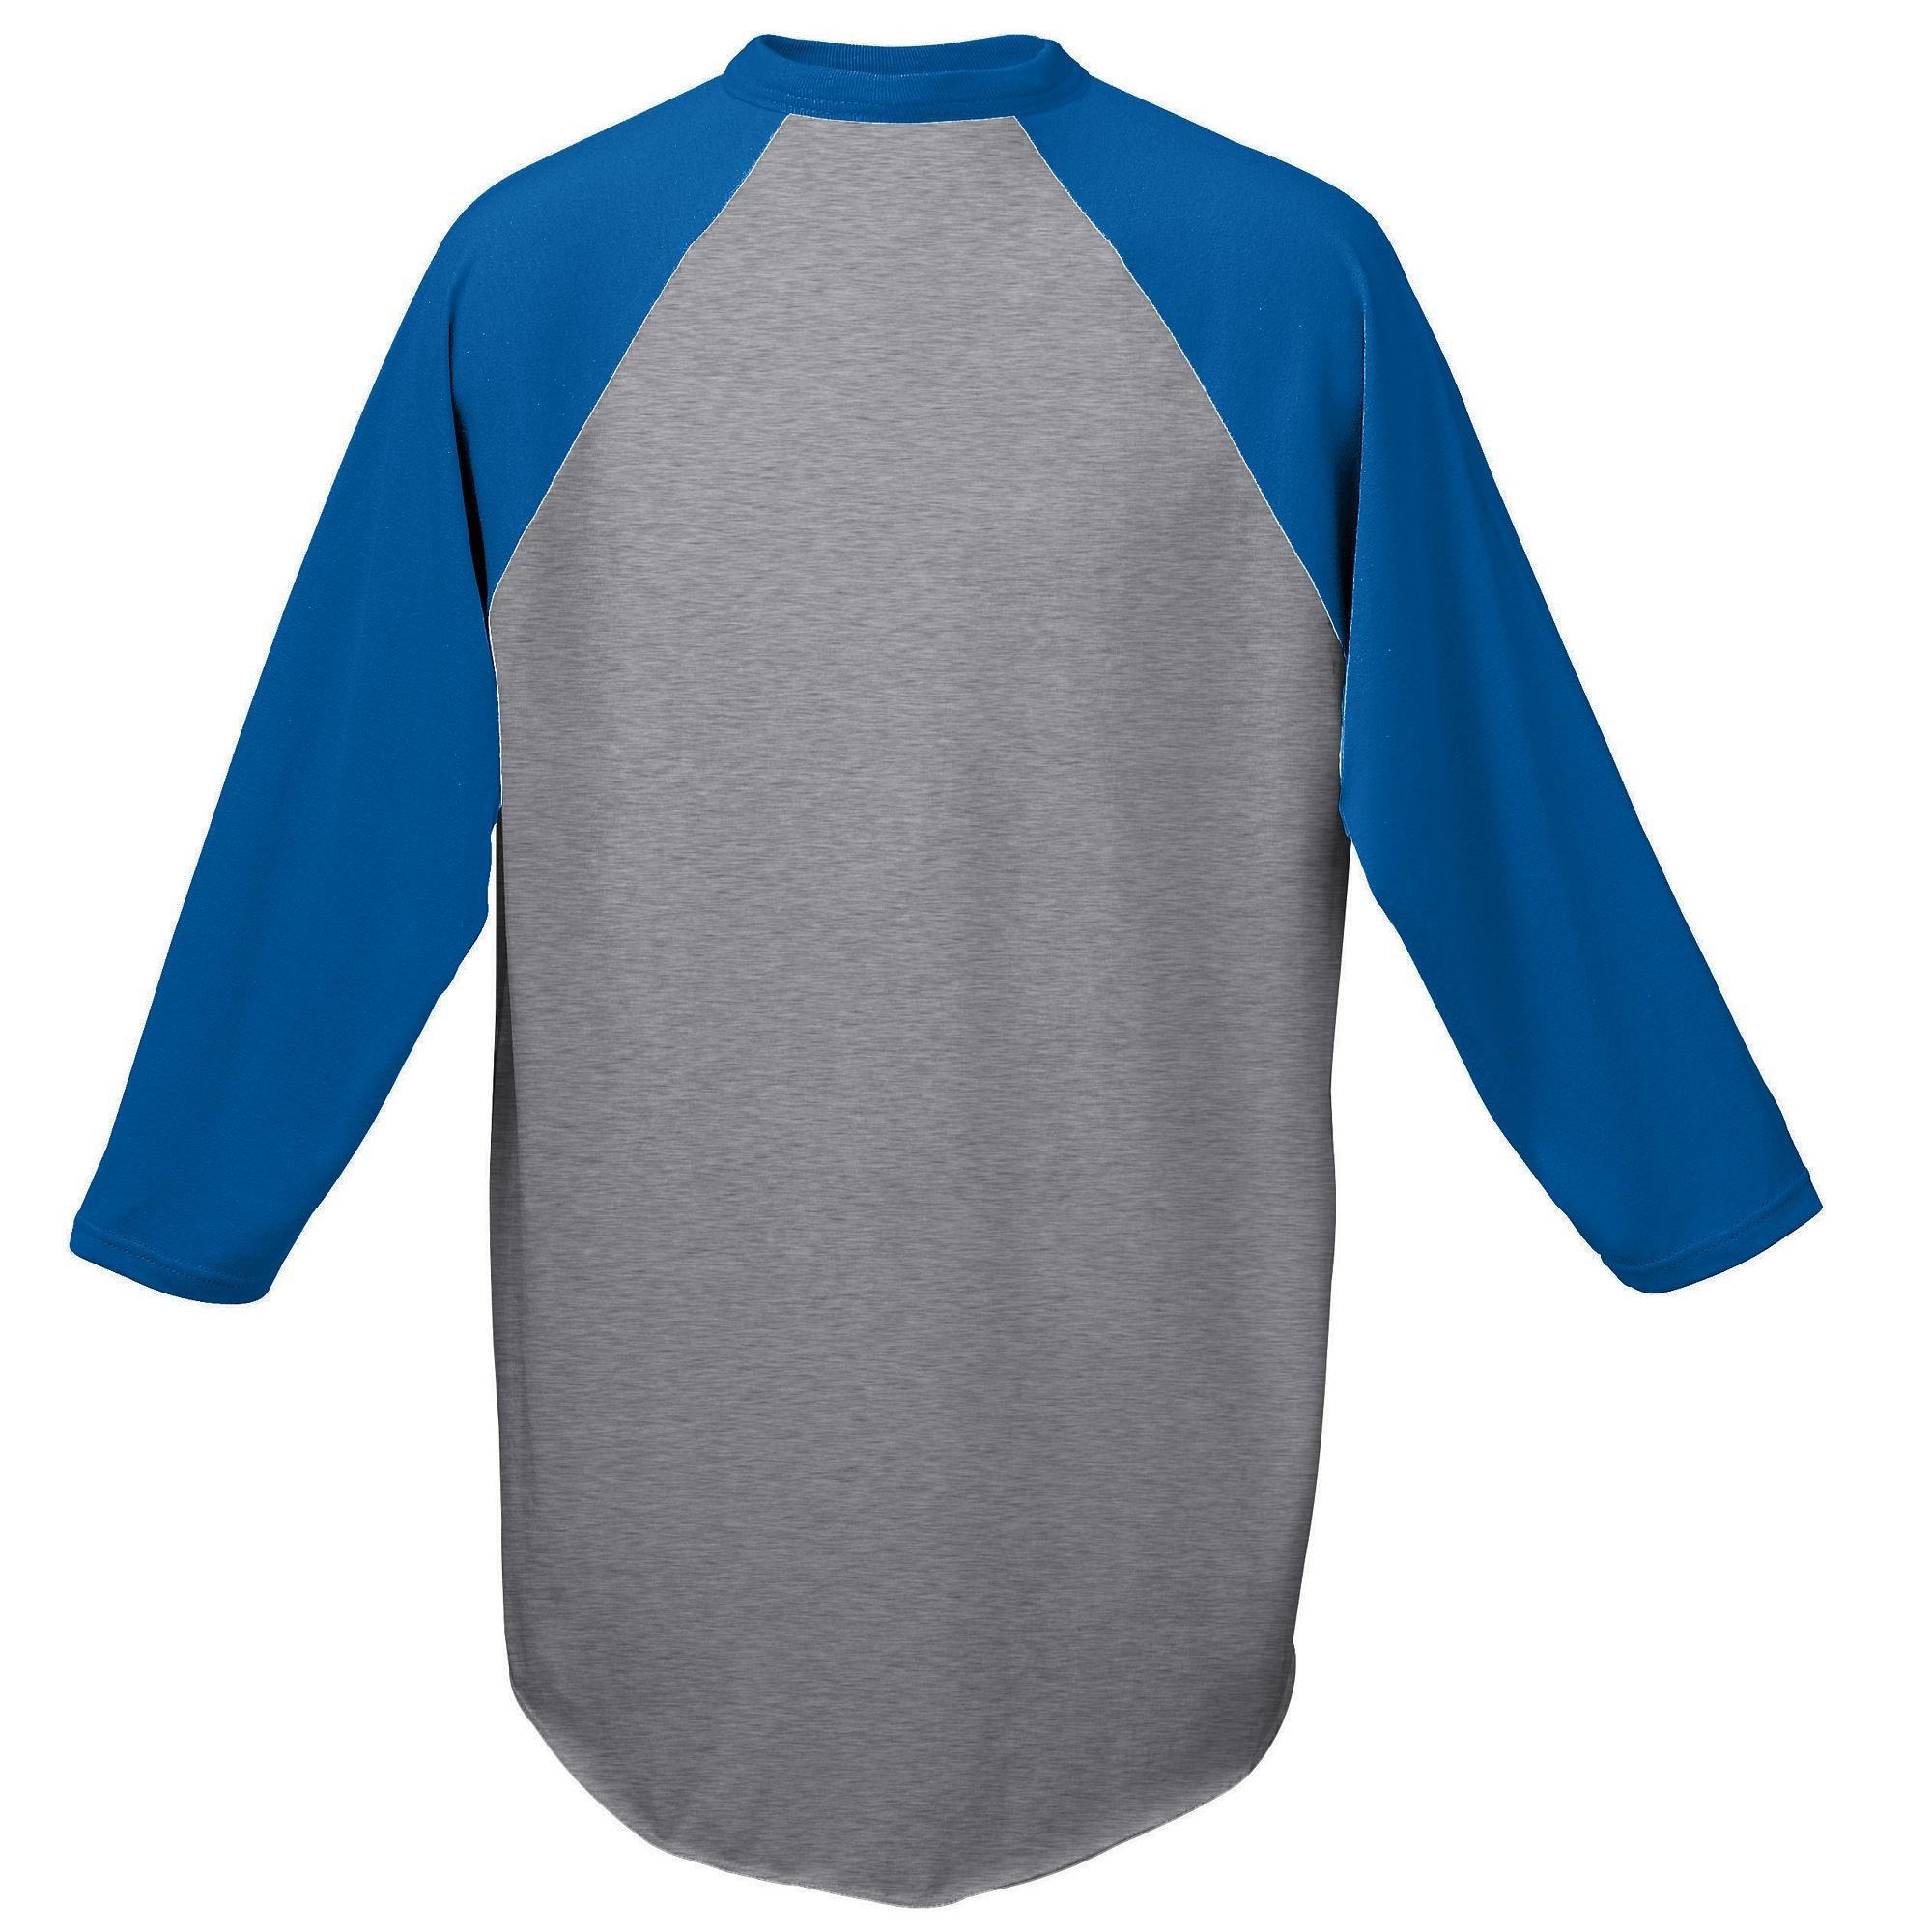 Augusta Sportswear Baseball Jersey 4XL Athletic Heather/Royal by Augusta Sportswear